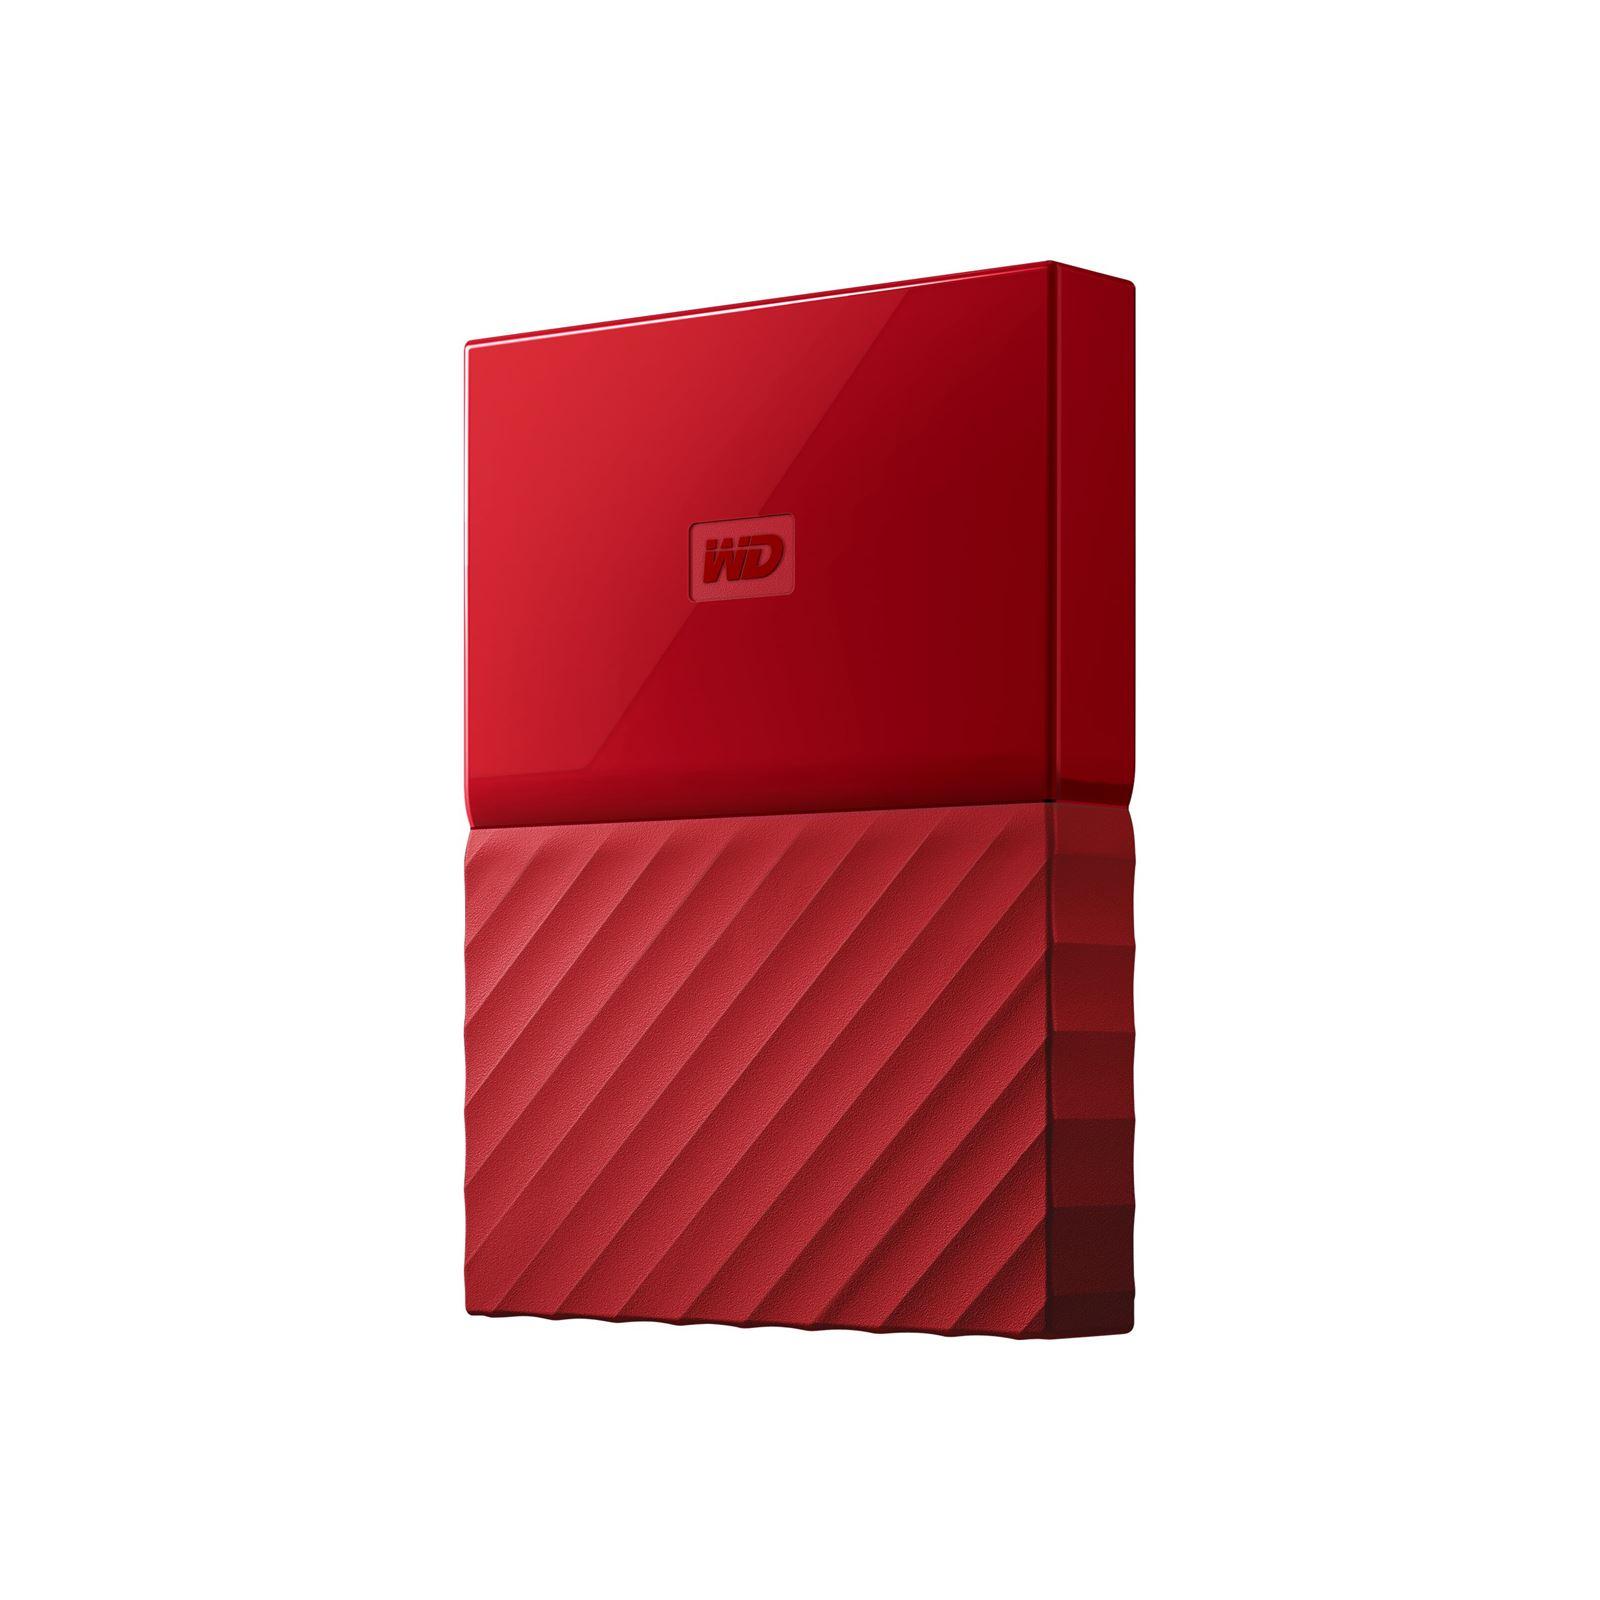 """Εξωτερικός Σκληρός Western Digital My Passport 2016 2TB USB 3.0 2.5"""" WDBYFT0020BRD Red image"""